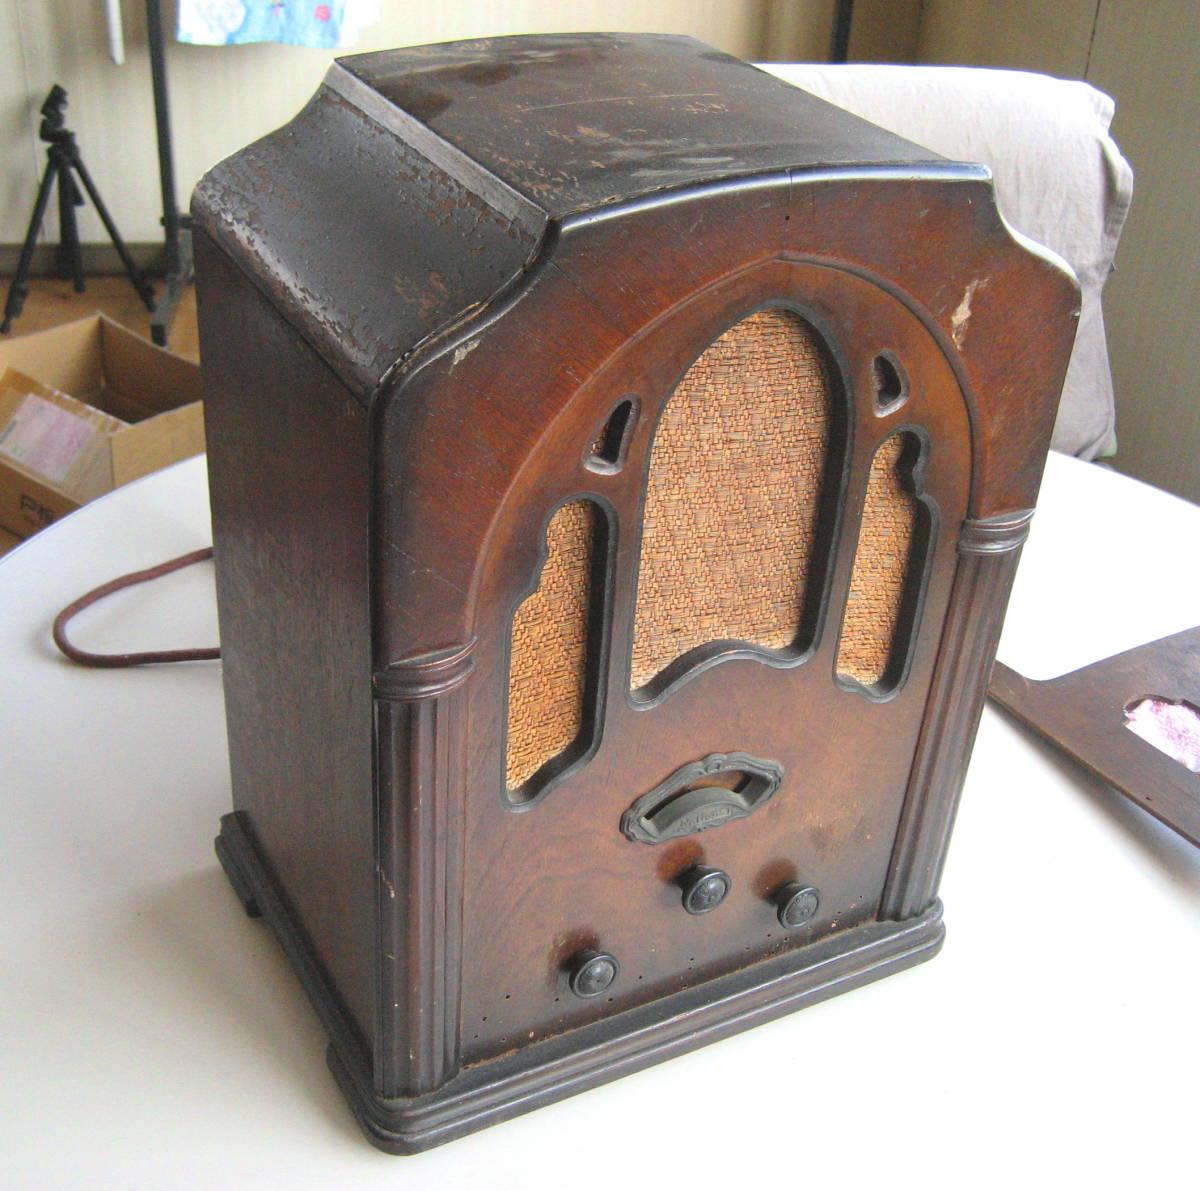 古い 真空管ラジオ 骨董品 ジャンク品 部品取り